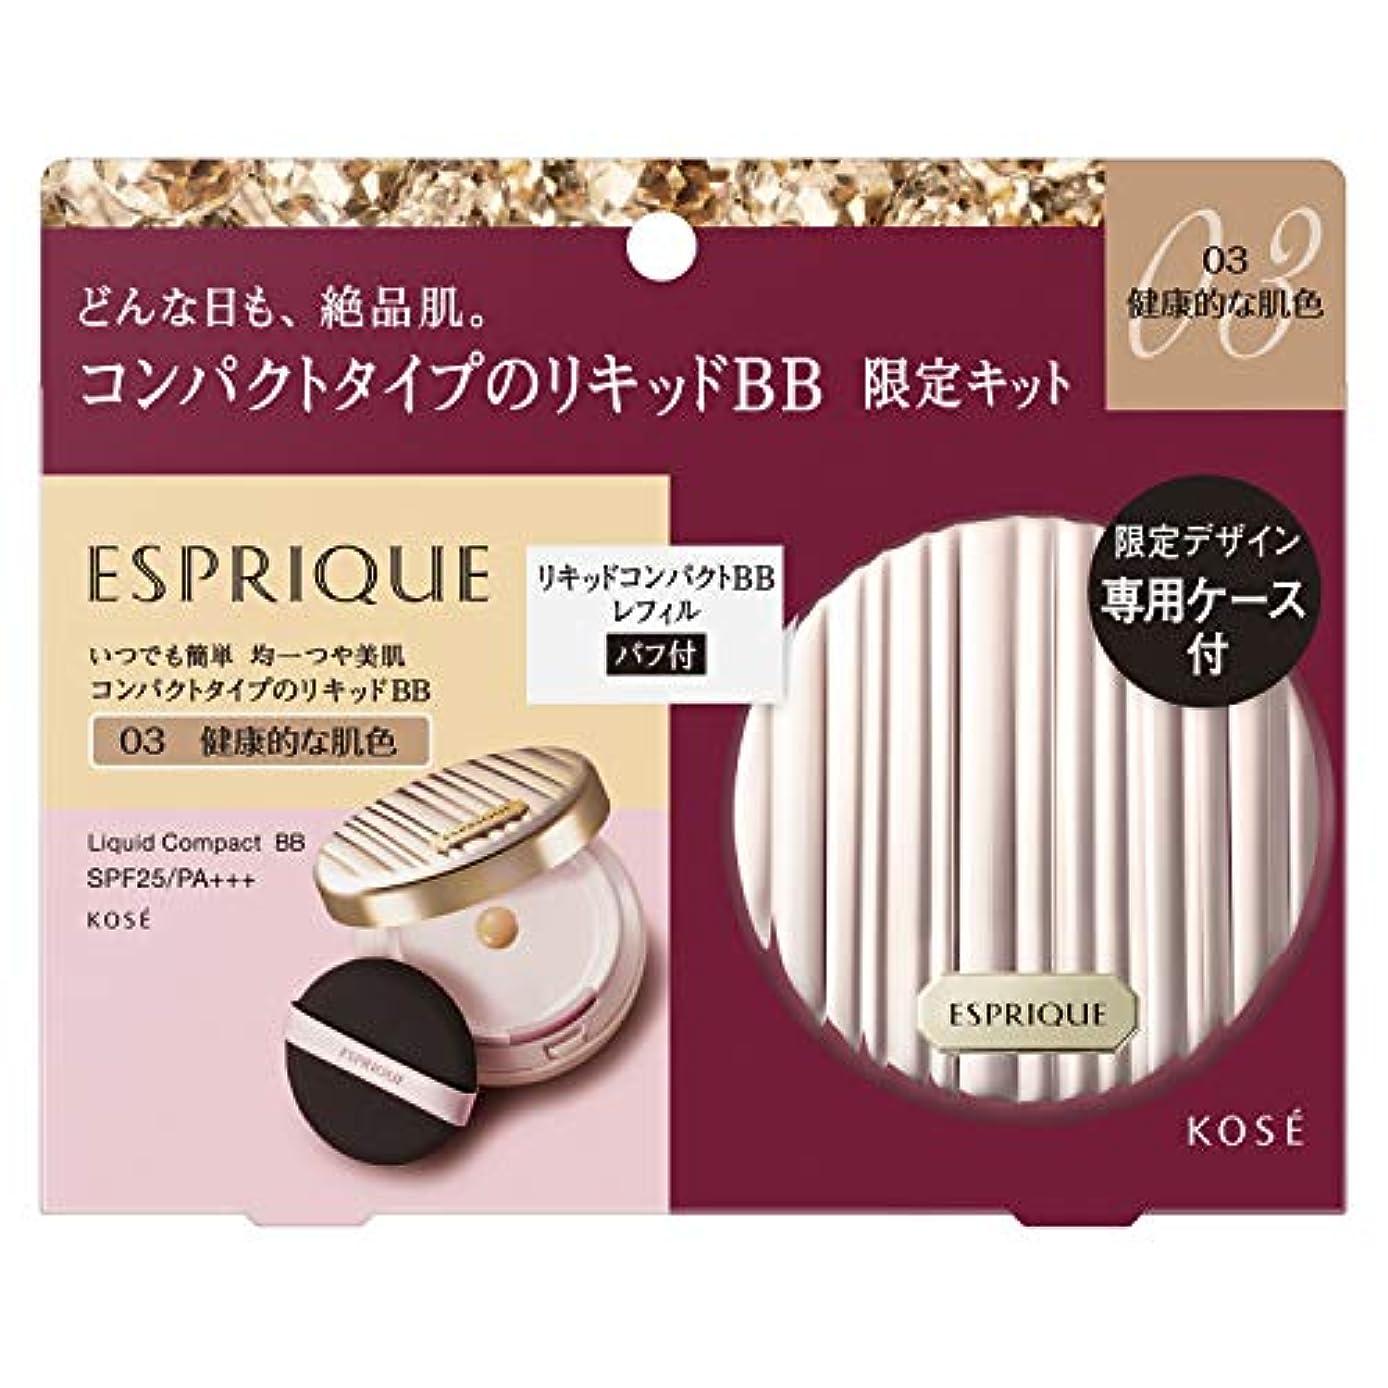 和解する相反する扱うESPRIQUE(エスプリーク) エスプリーク リキッド コンパクト BB 限定キット 2 BBクリーム 03 健康的な肌色 セット 13g+ケース付き